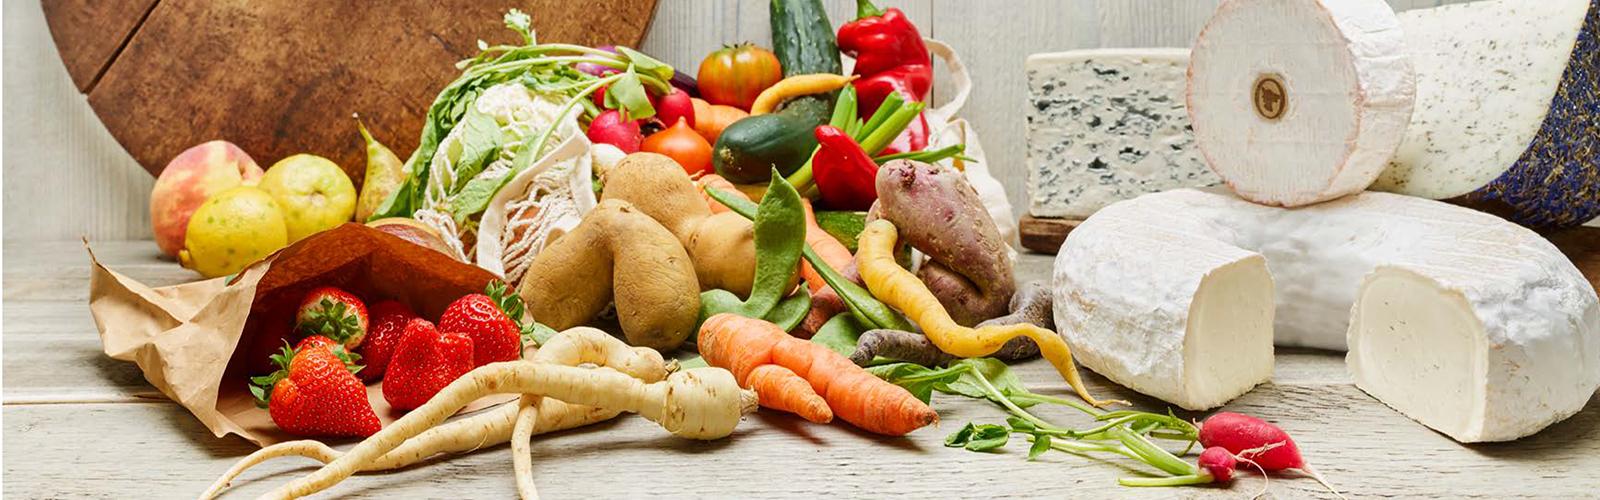 Käse und Gemüse können perfekt zusammen kombiniert werden.